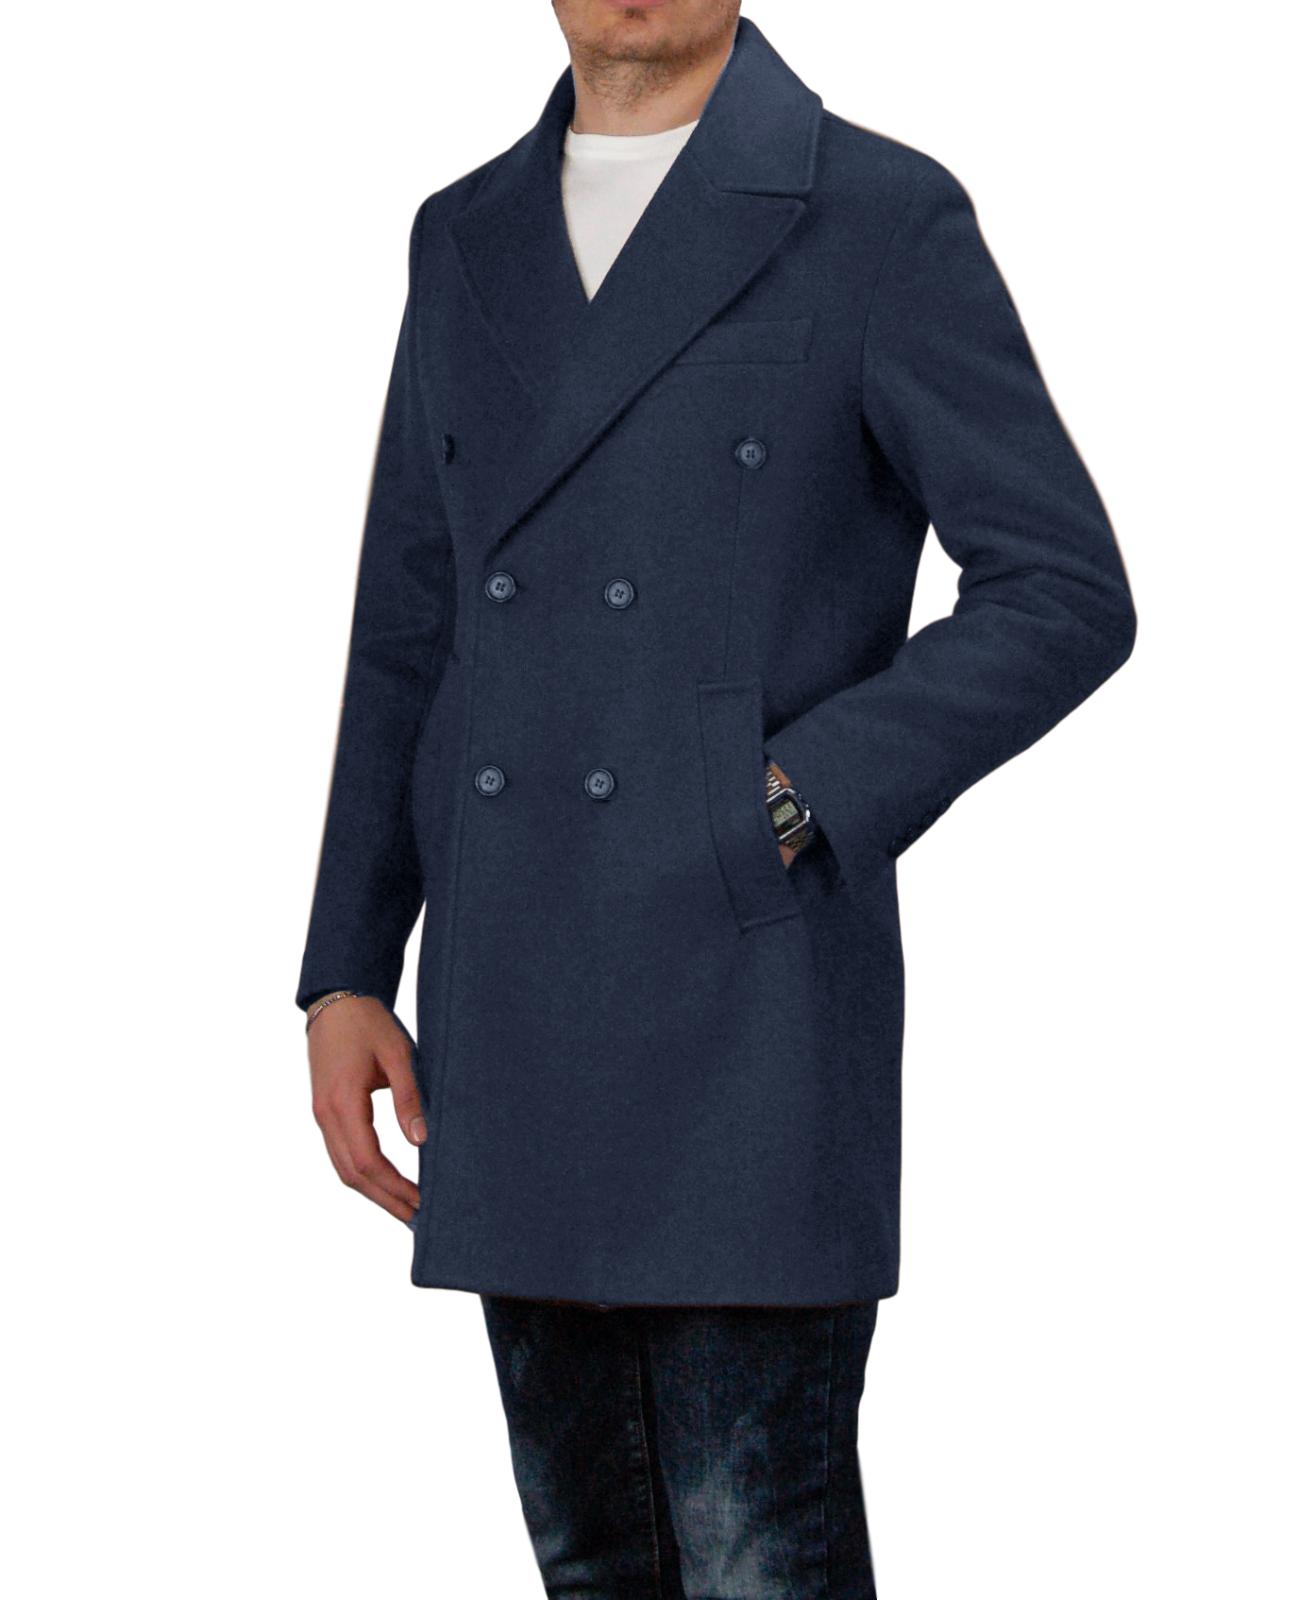 Cappotto-Doppio-Petto-Uomo-Invernale-Cappottino-Elegante-Lungo-Trench miniatura 19